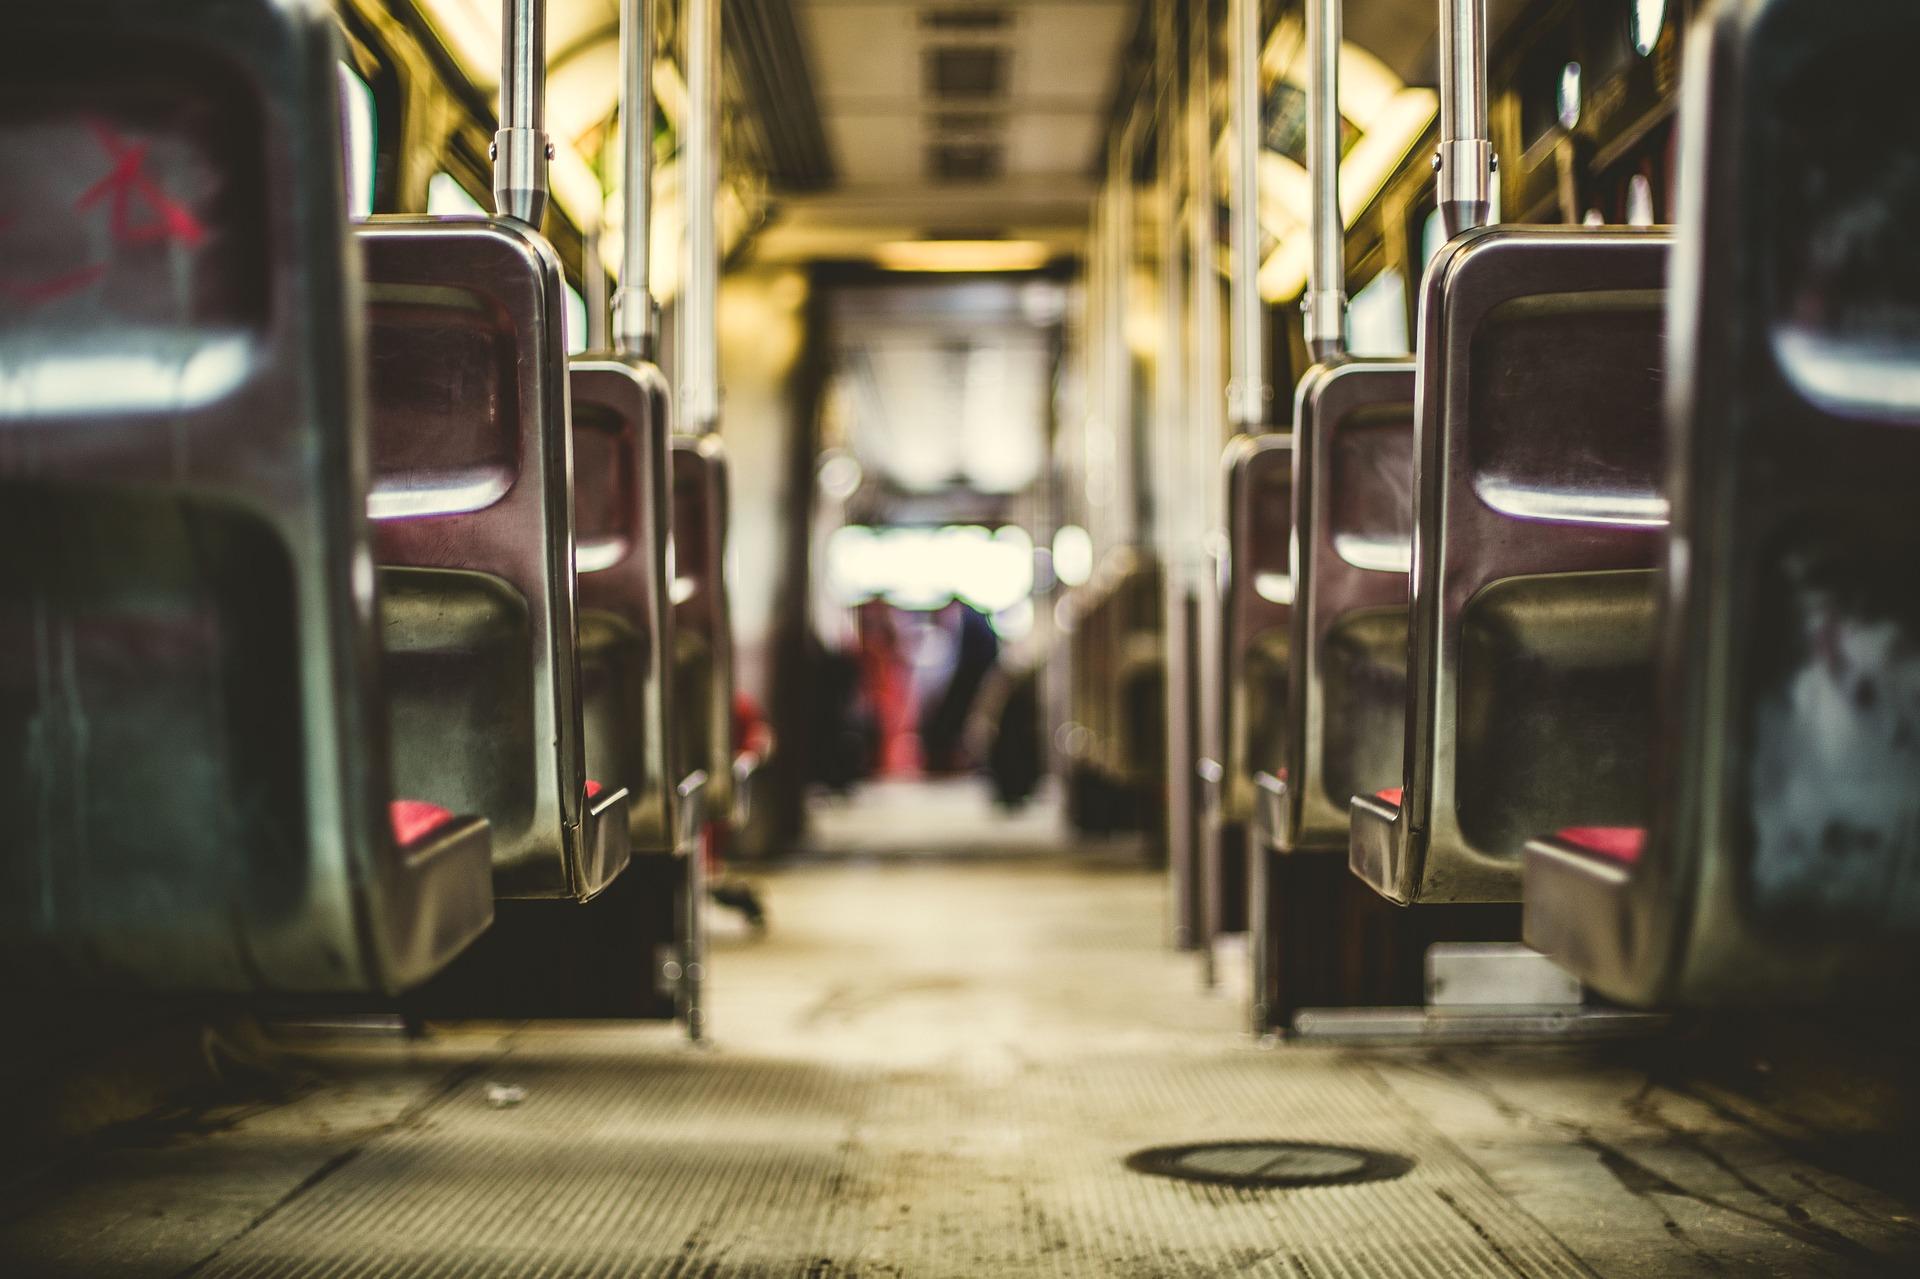 Cotral, Servono Cabine Blindate  Su Tutti I Bus. Lavoratori Sono Un Valore E Non Un Costo